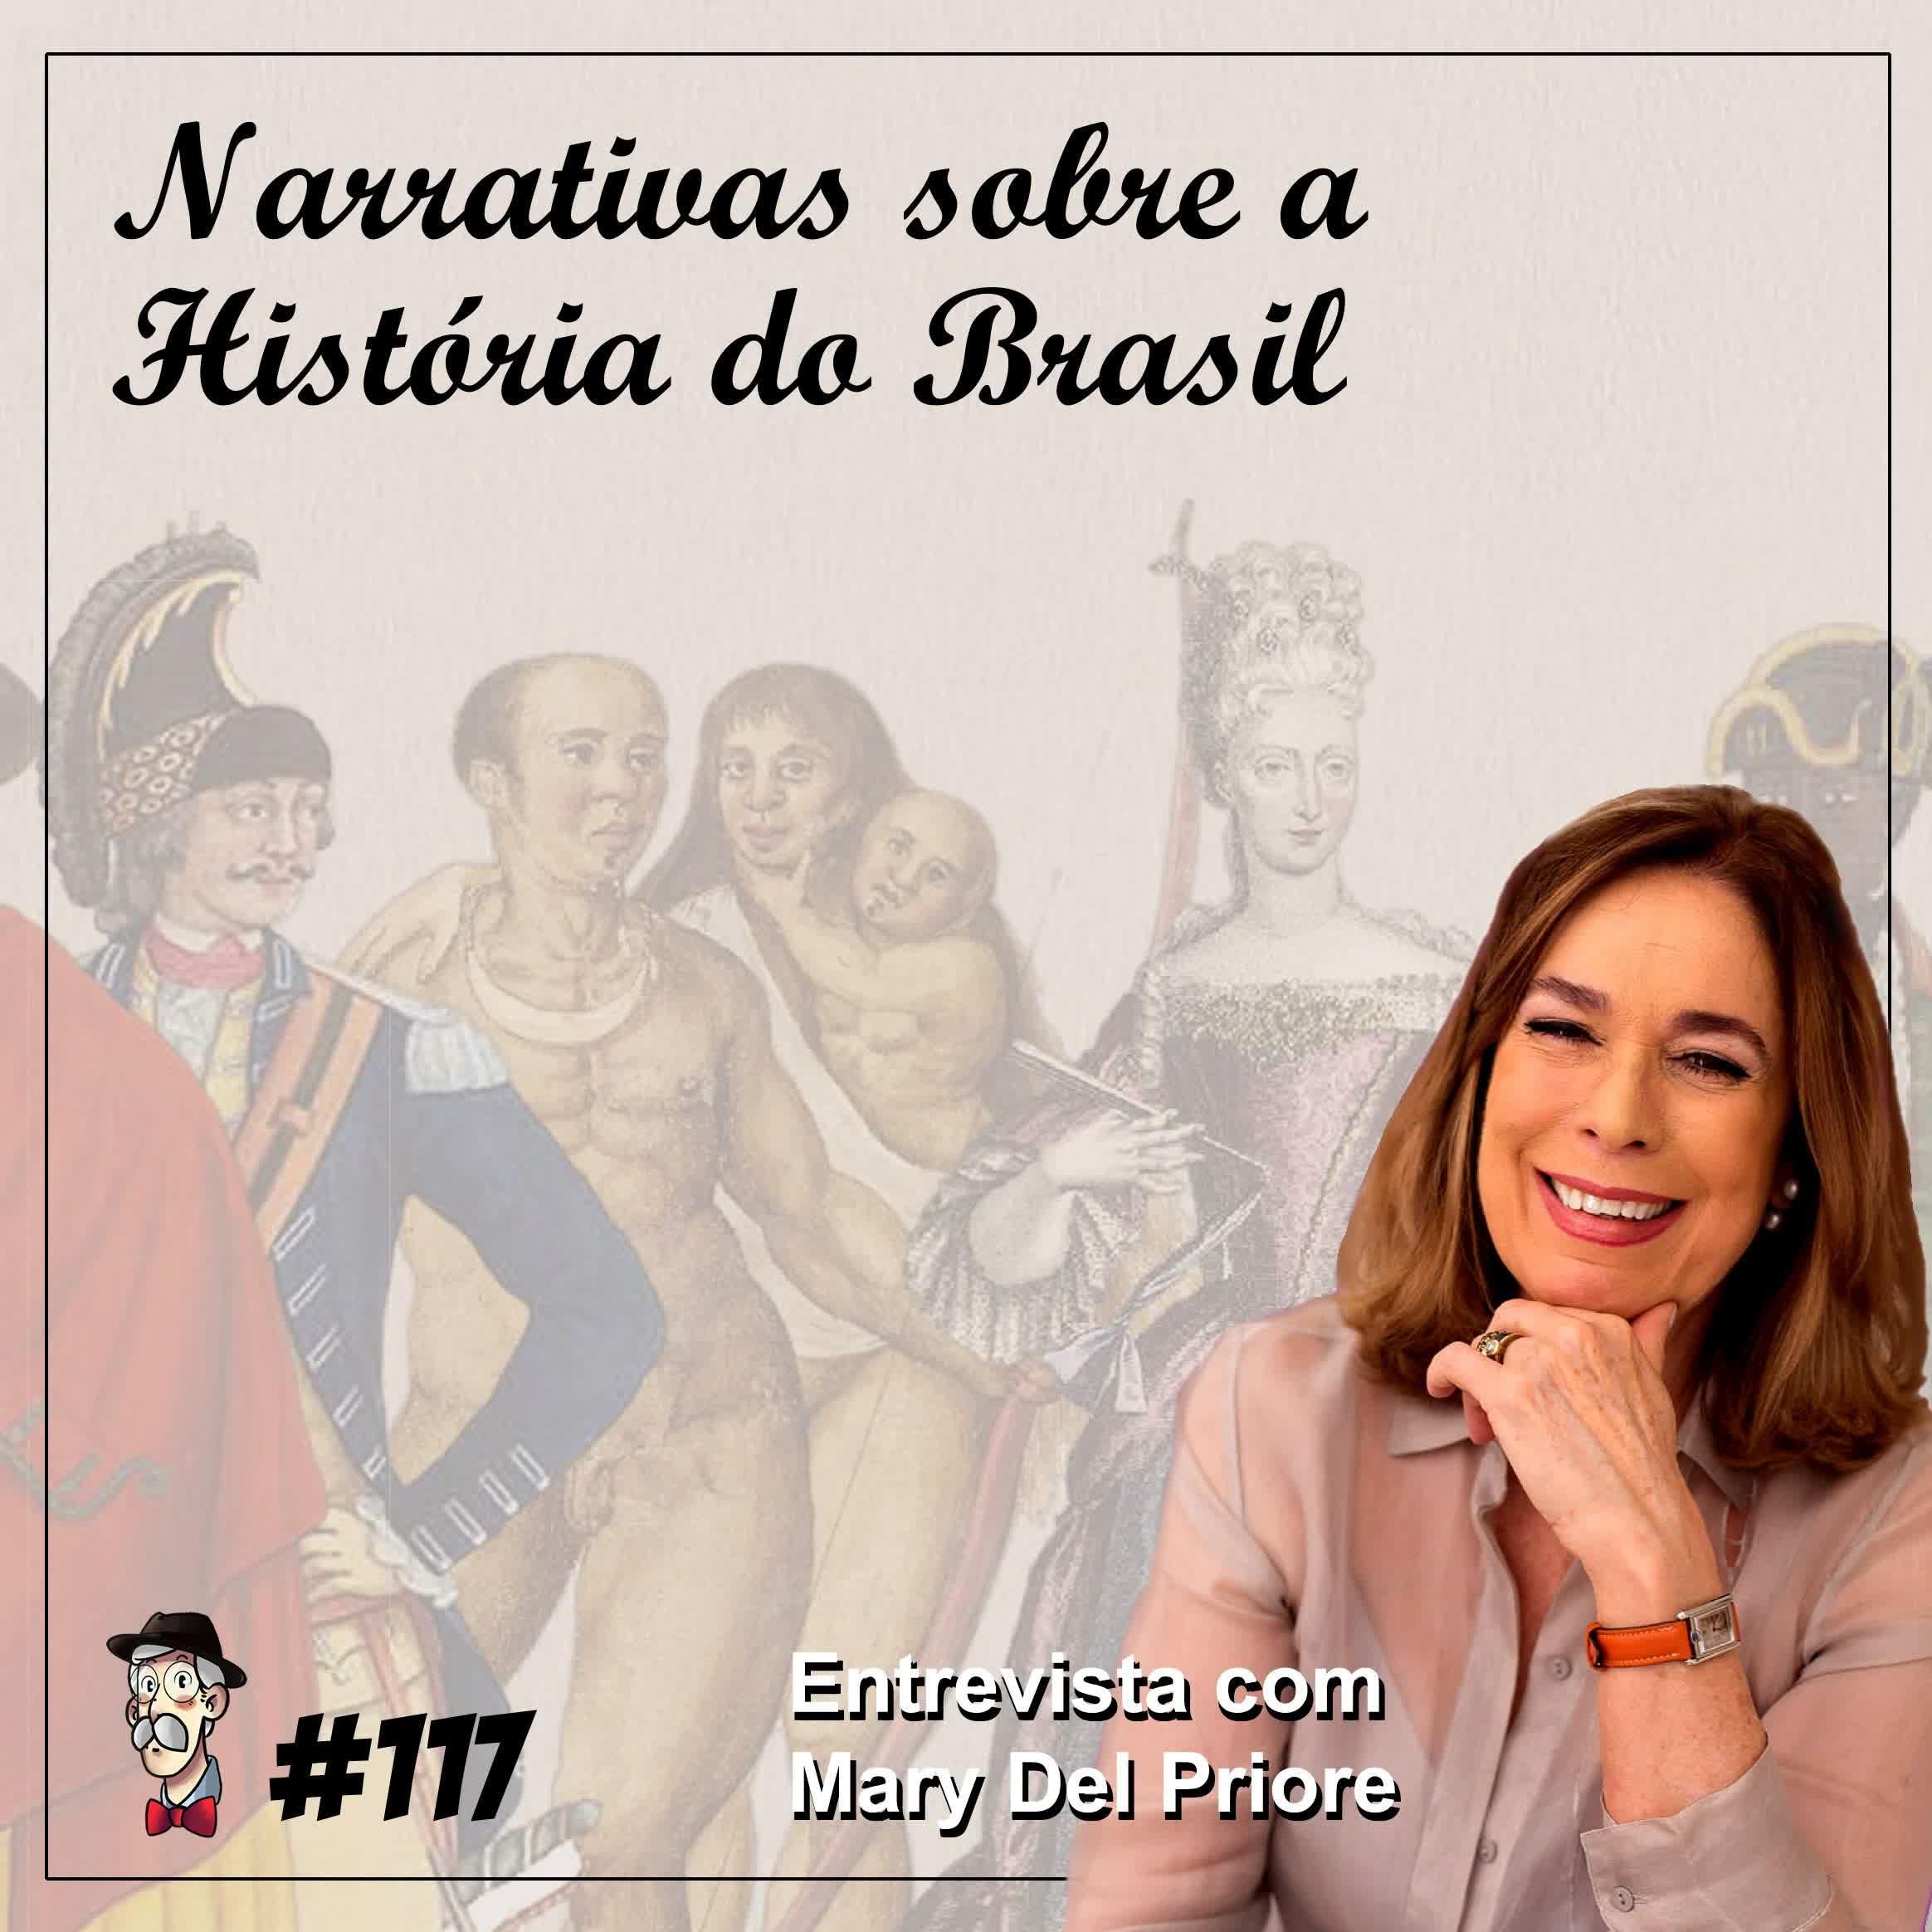 Narrativas sobre a História do Brasil [com Mary Del Priore] - Programa n.117